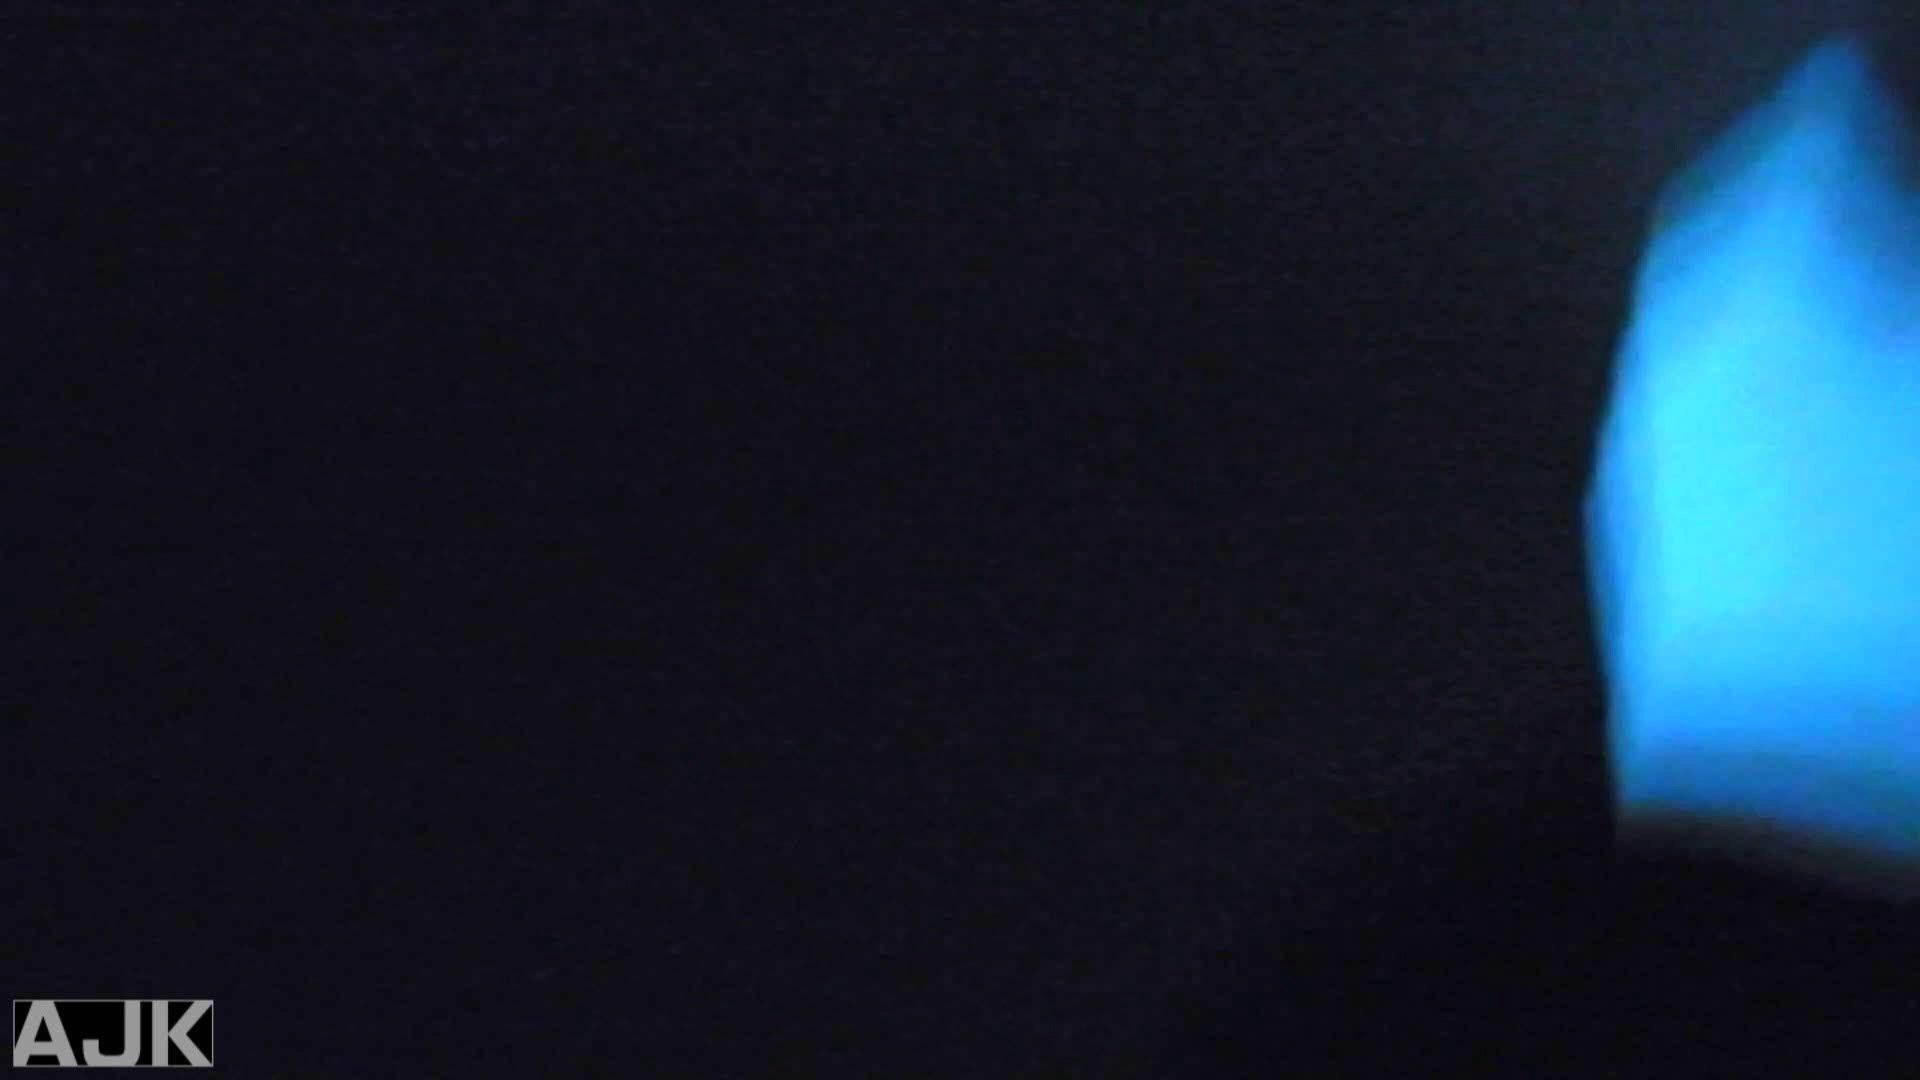 神降臨!史上最強の潜入かわや! vol.17 美女まとめ われめAV動画紹介 106PIX 16